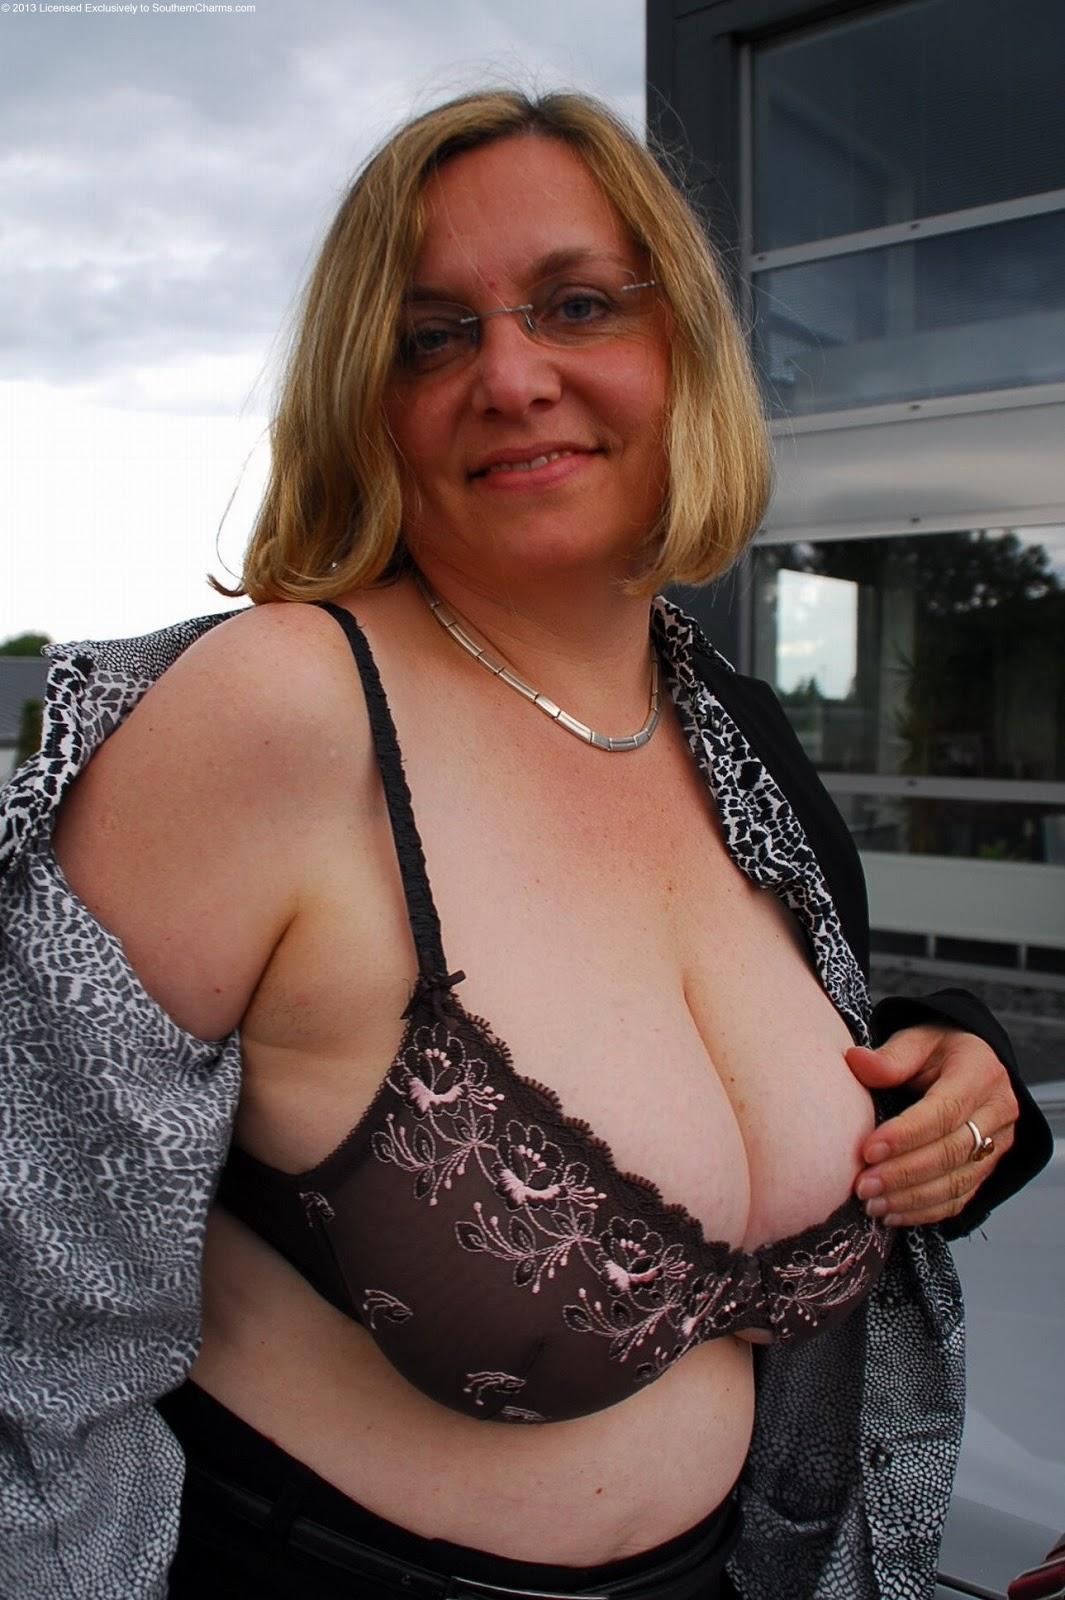 Chubby bra lesbian